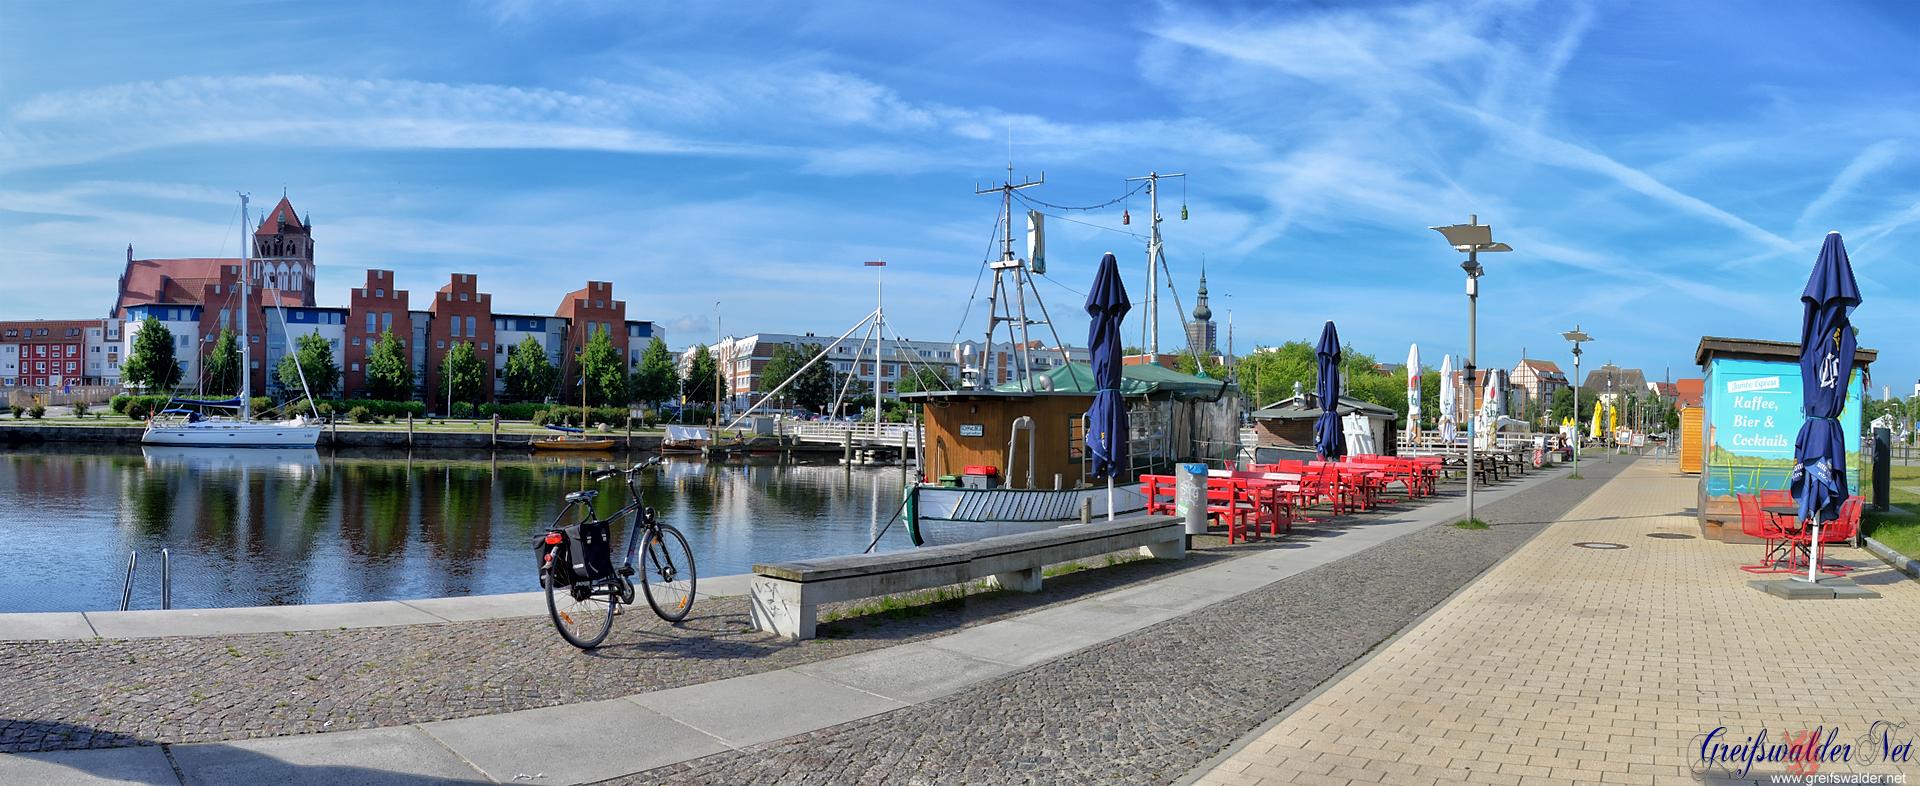 Vormittag am Museumshafen in Greifswald